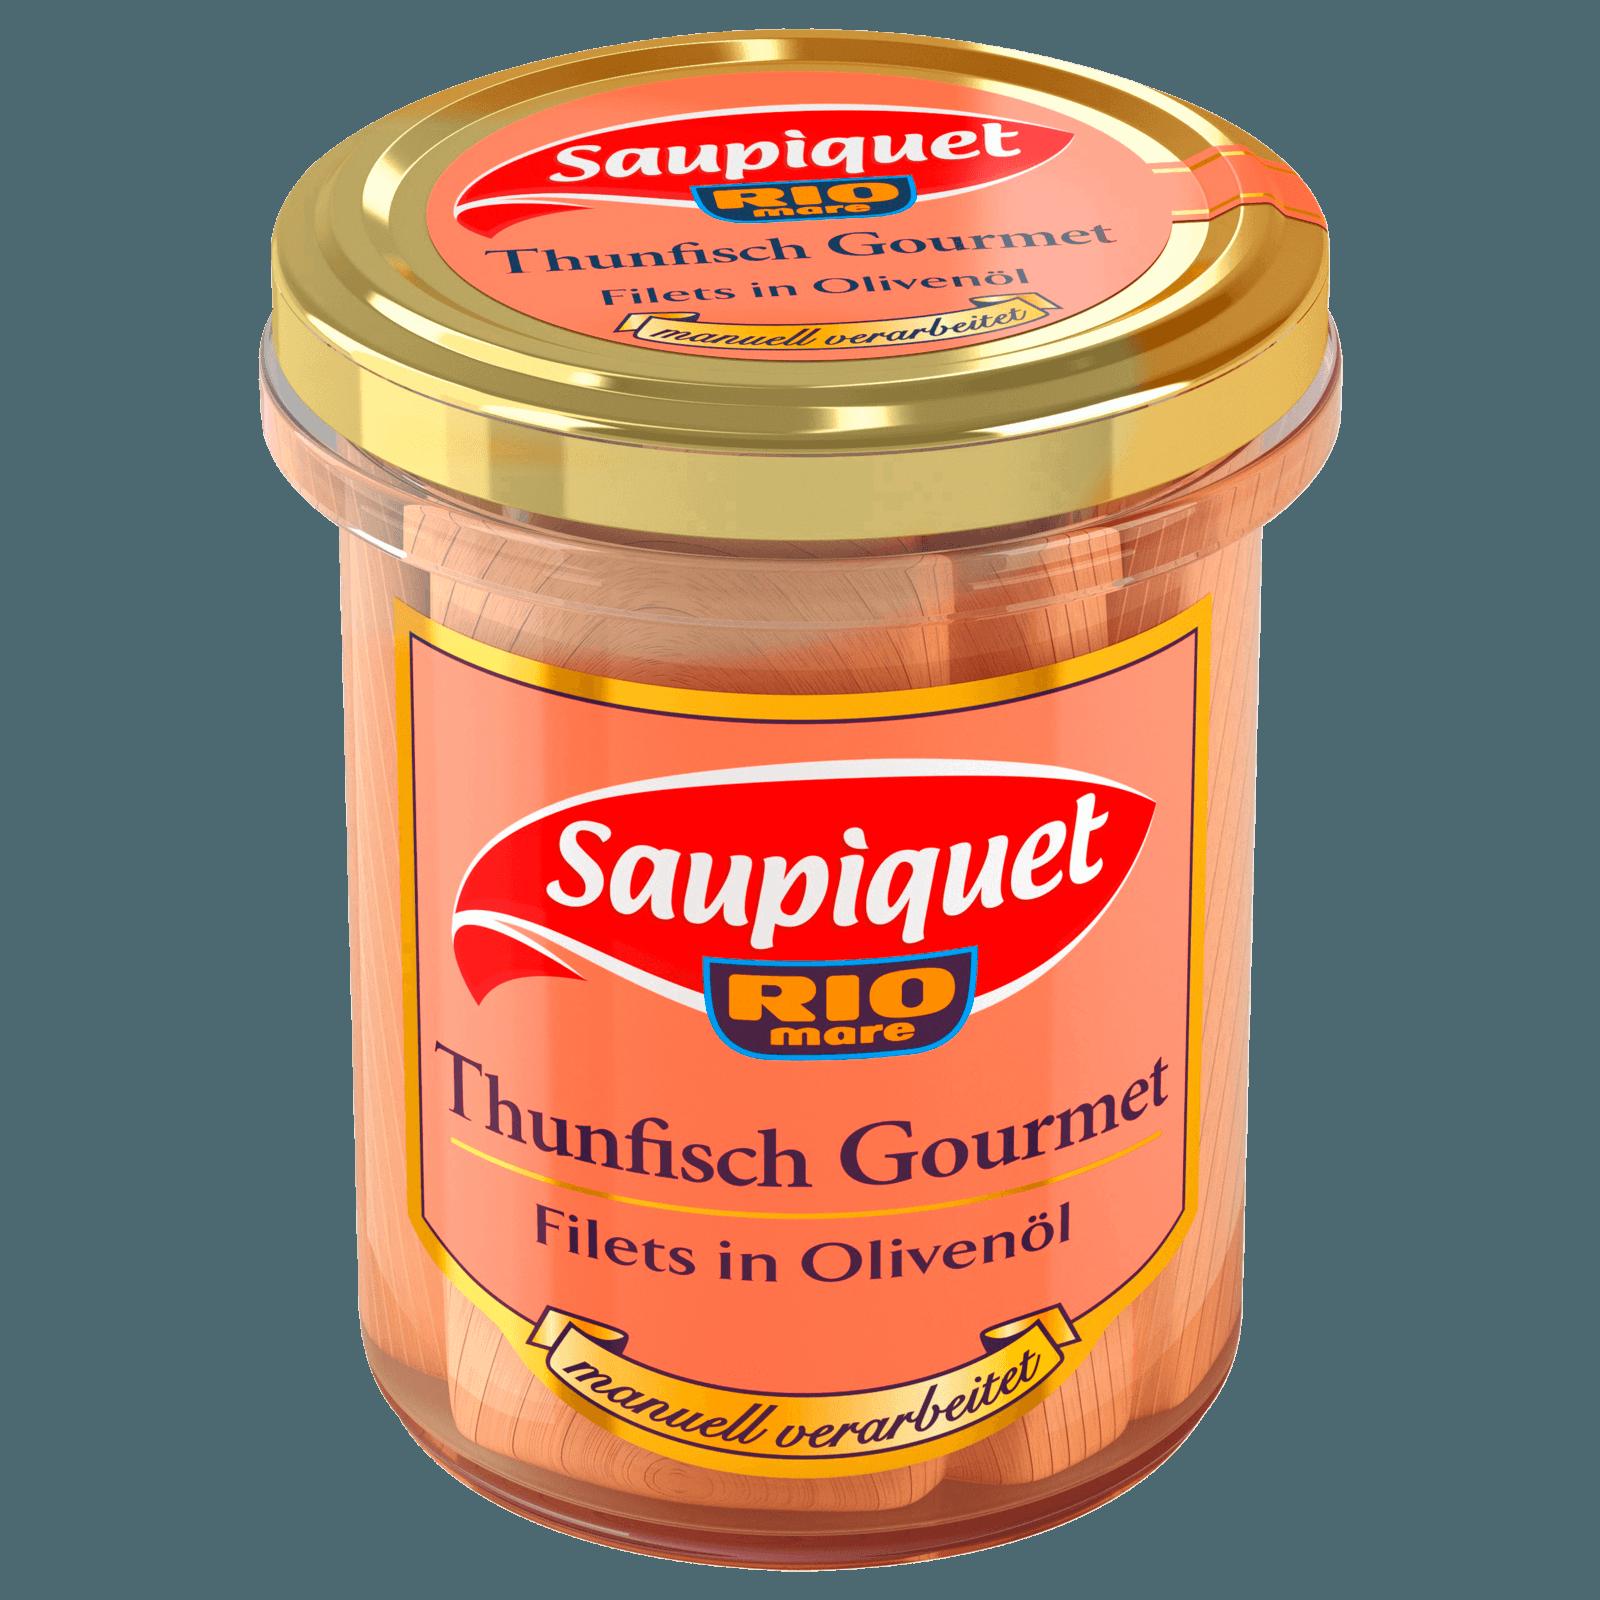 Saupiquet Thunfisch Gourmet Olivenöl im Glas 140g